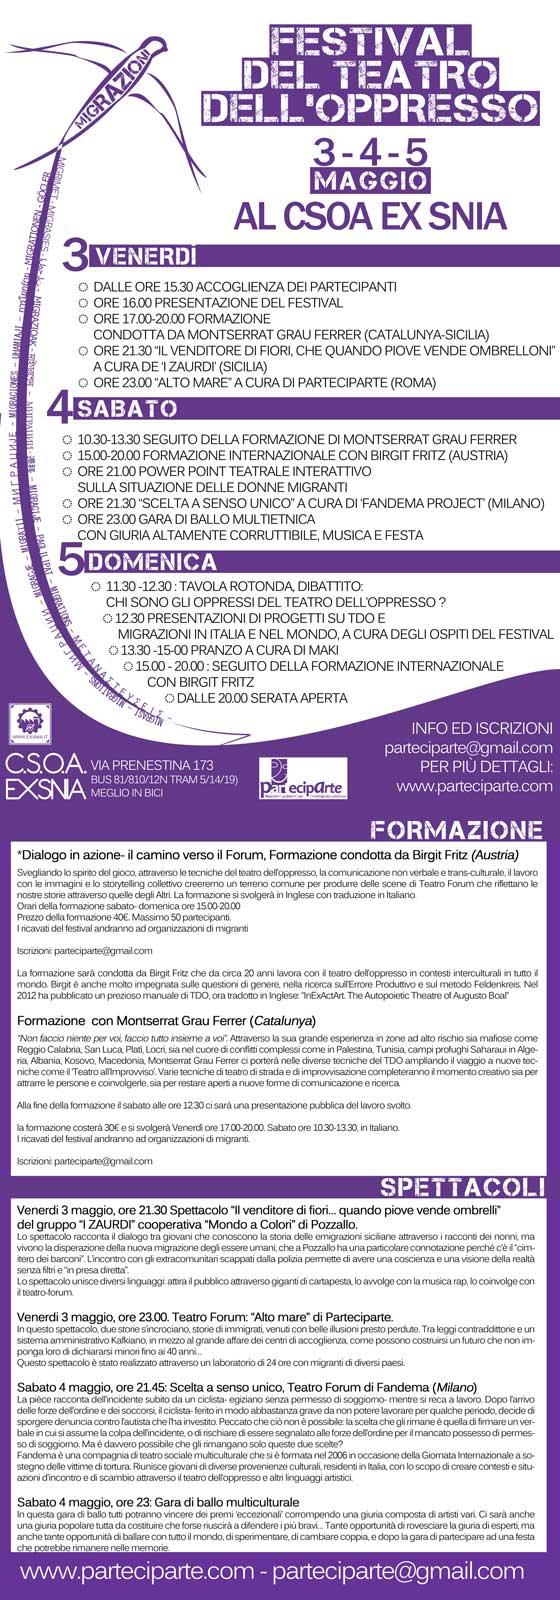 Vieni anche tu al Festival del Teatro dell'Oppresso 2013!